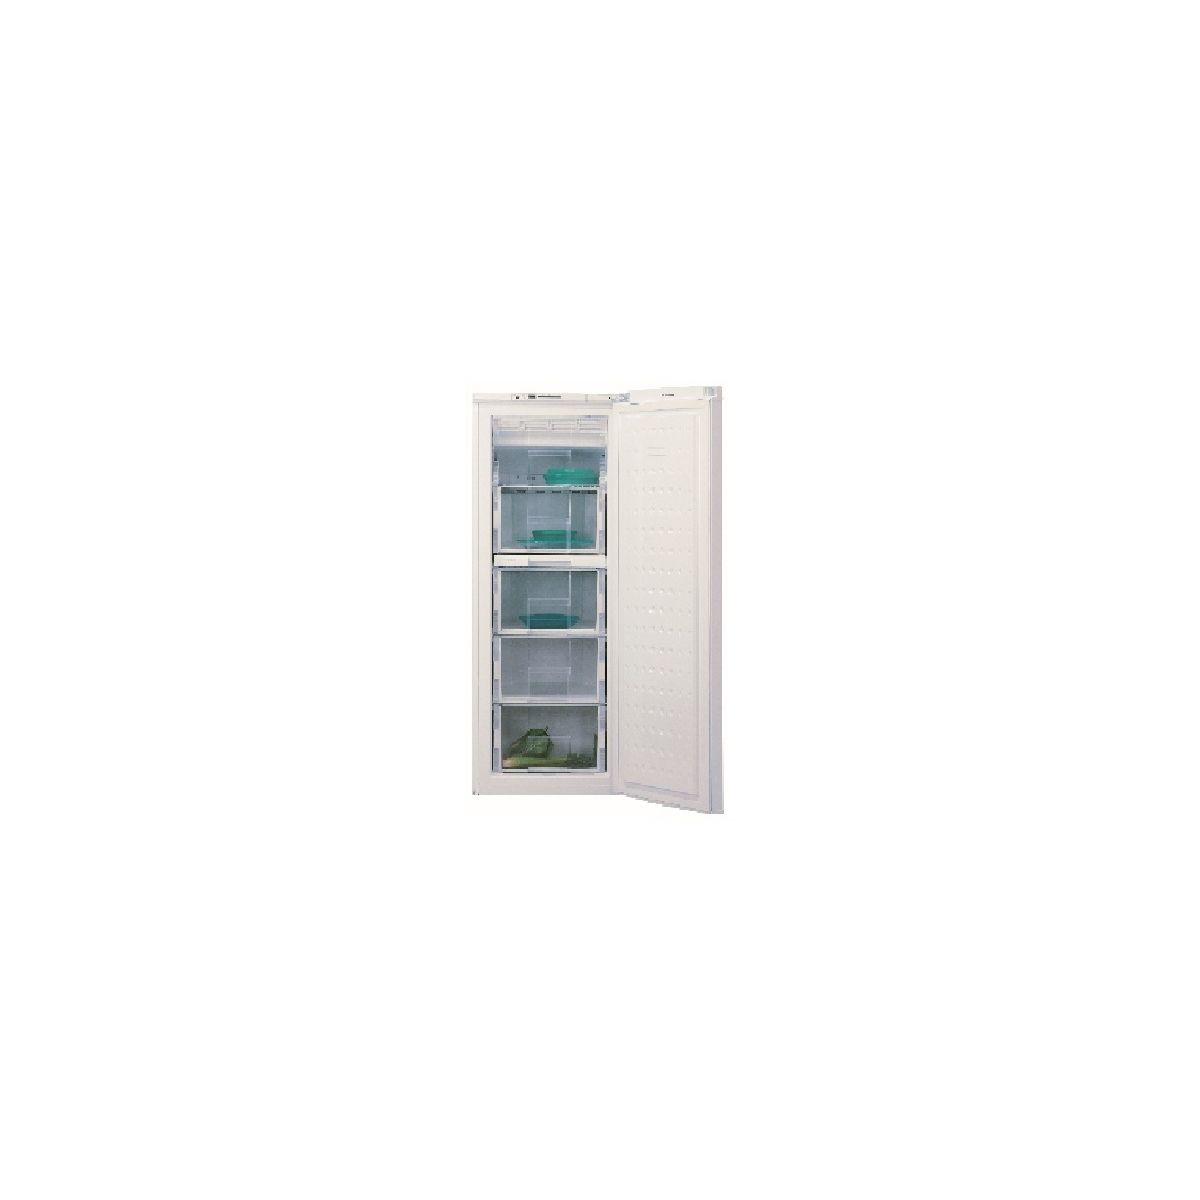 Cong lateur armoire achat vente de cong lateur pas cher - Congelateur armoire beko fne20921 ...